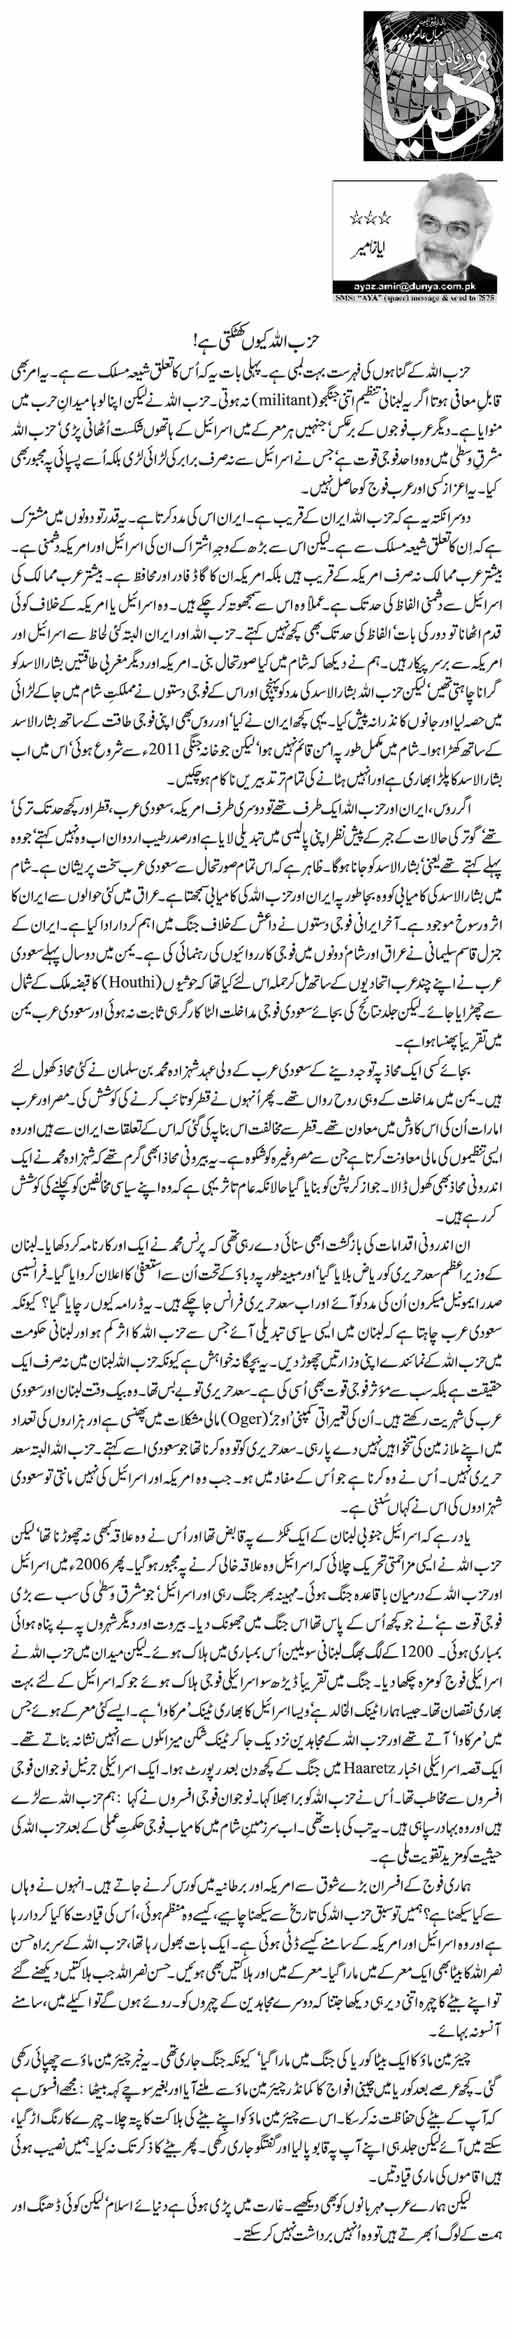 Hizb Ullah Kyun Khatakti Hai! | Ayaz Amir | Daily Urdu Columns